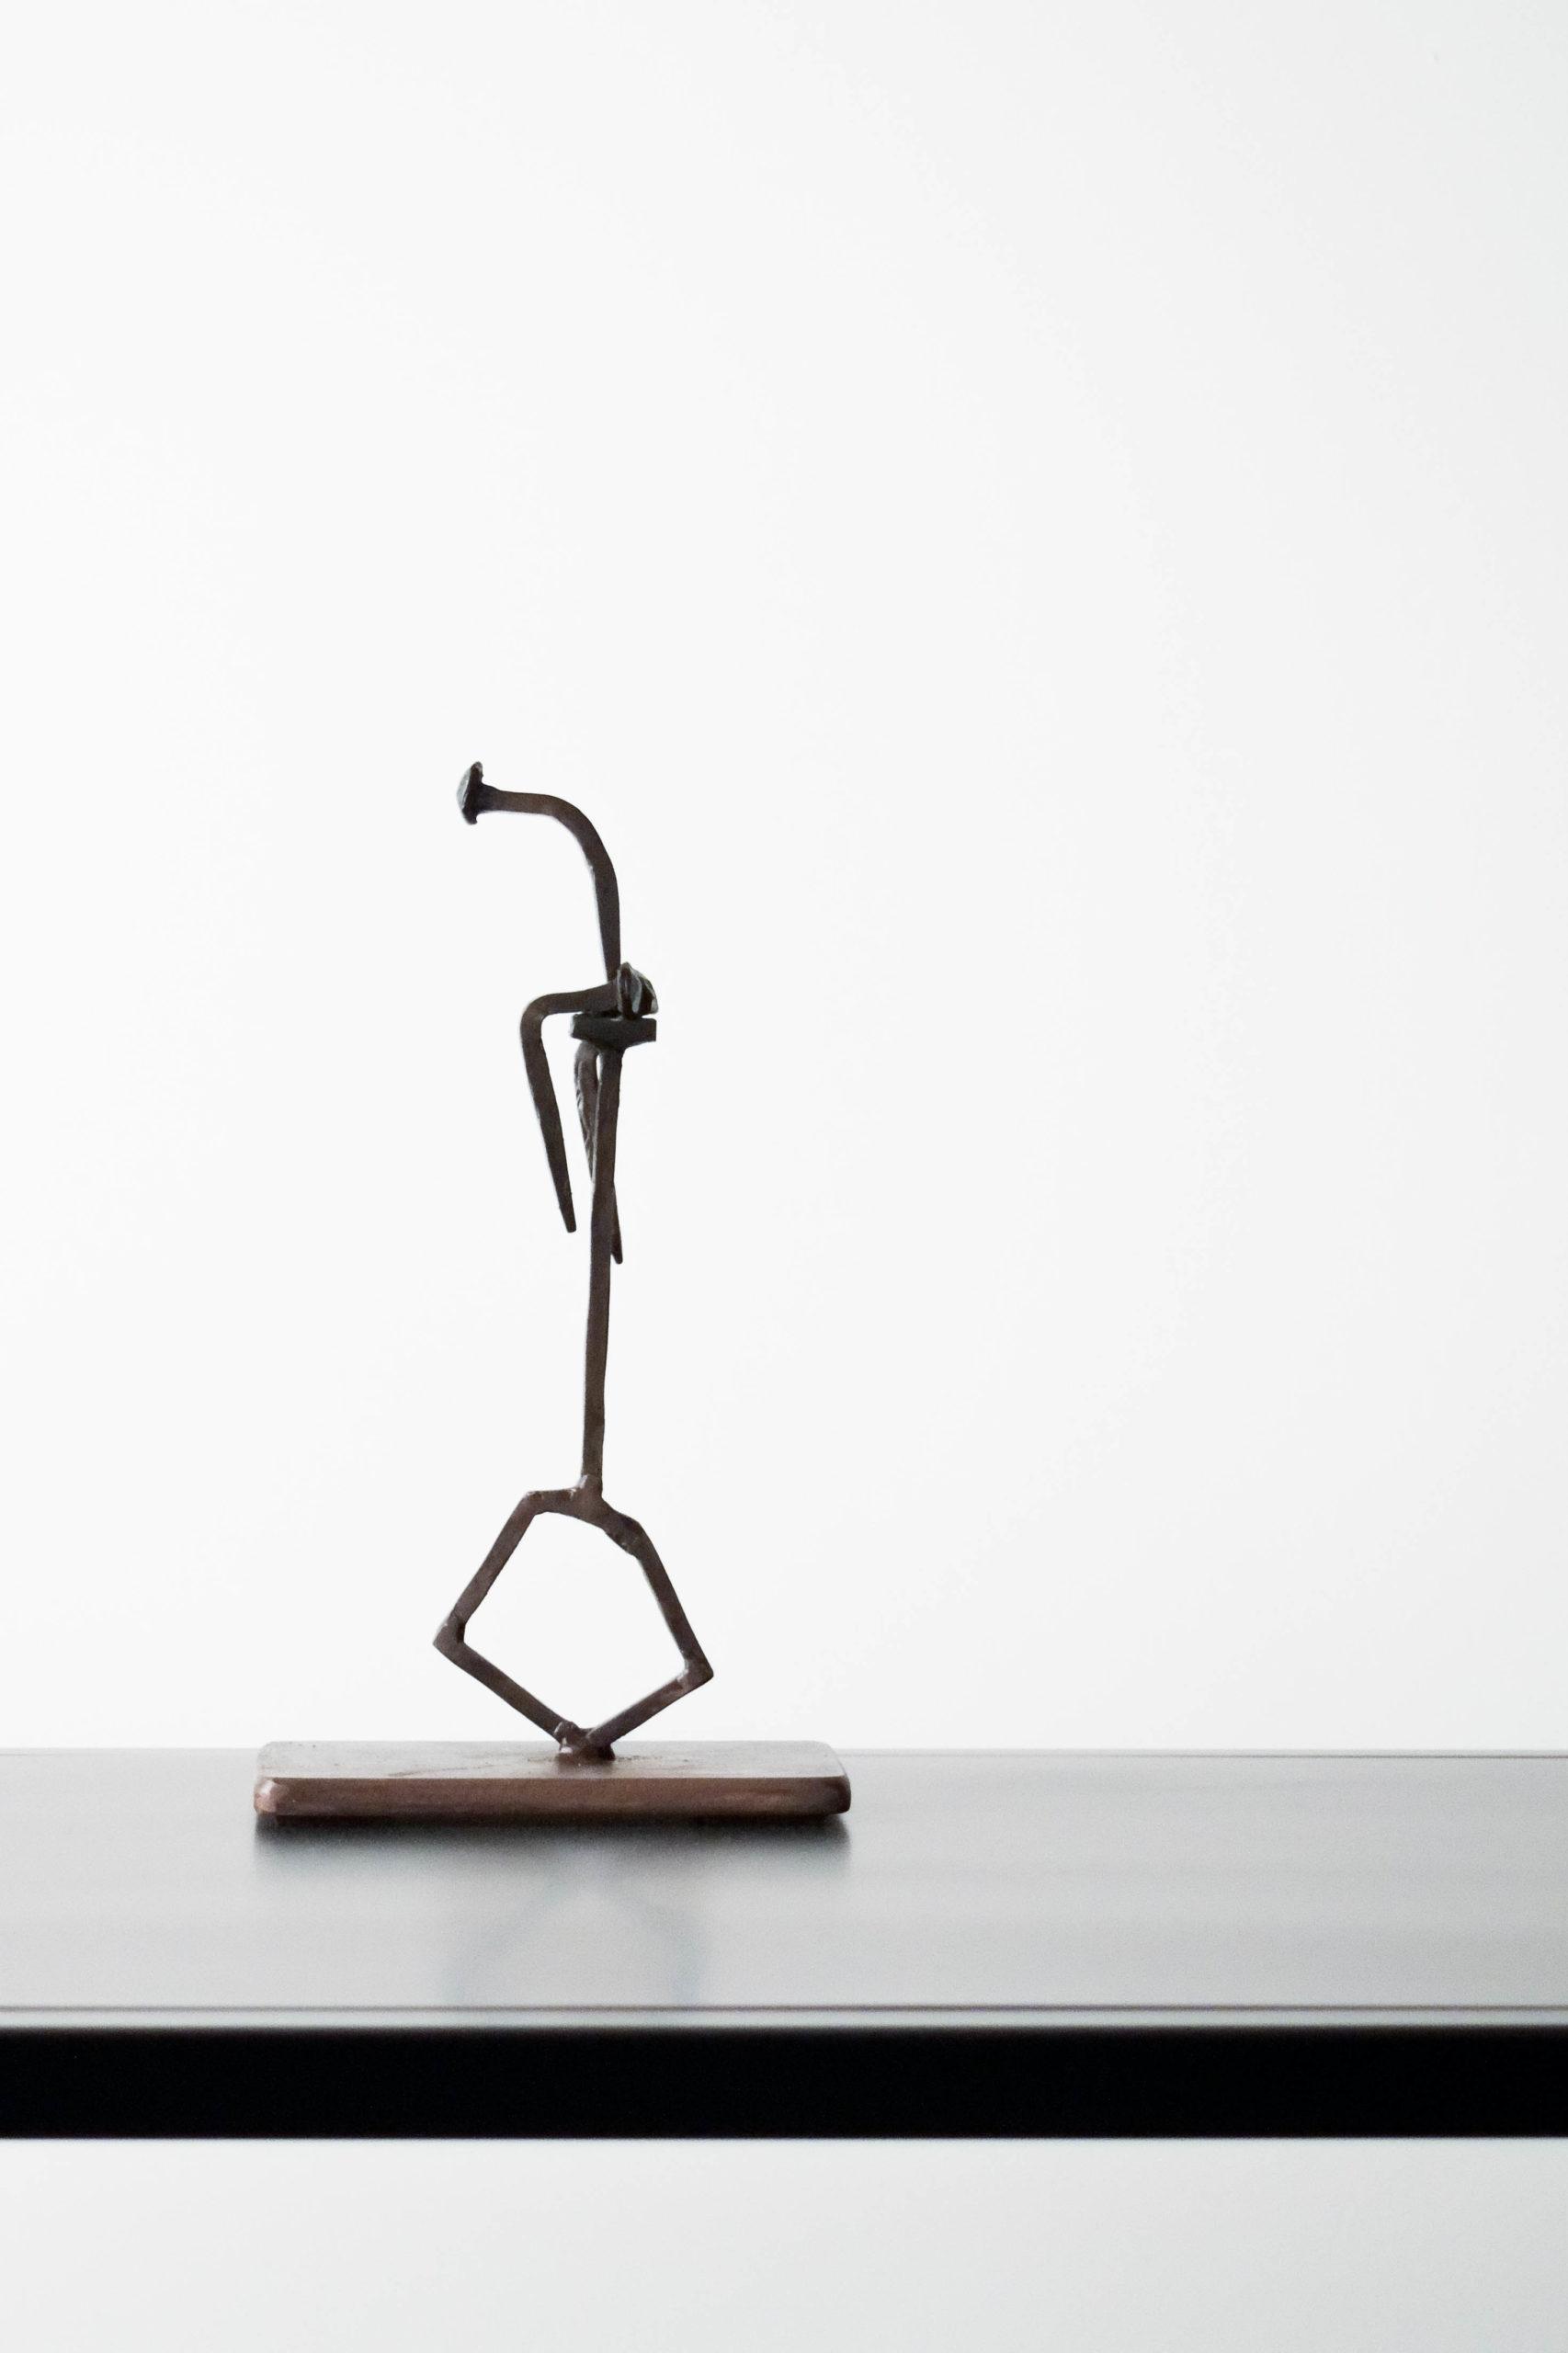 escultura decoracion emile gireau de metal hierro forjado